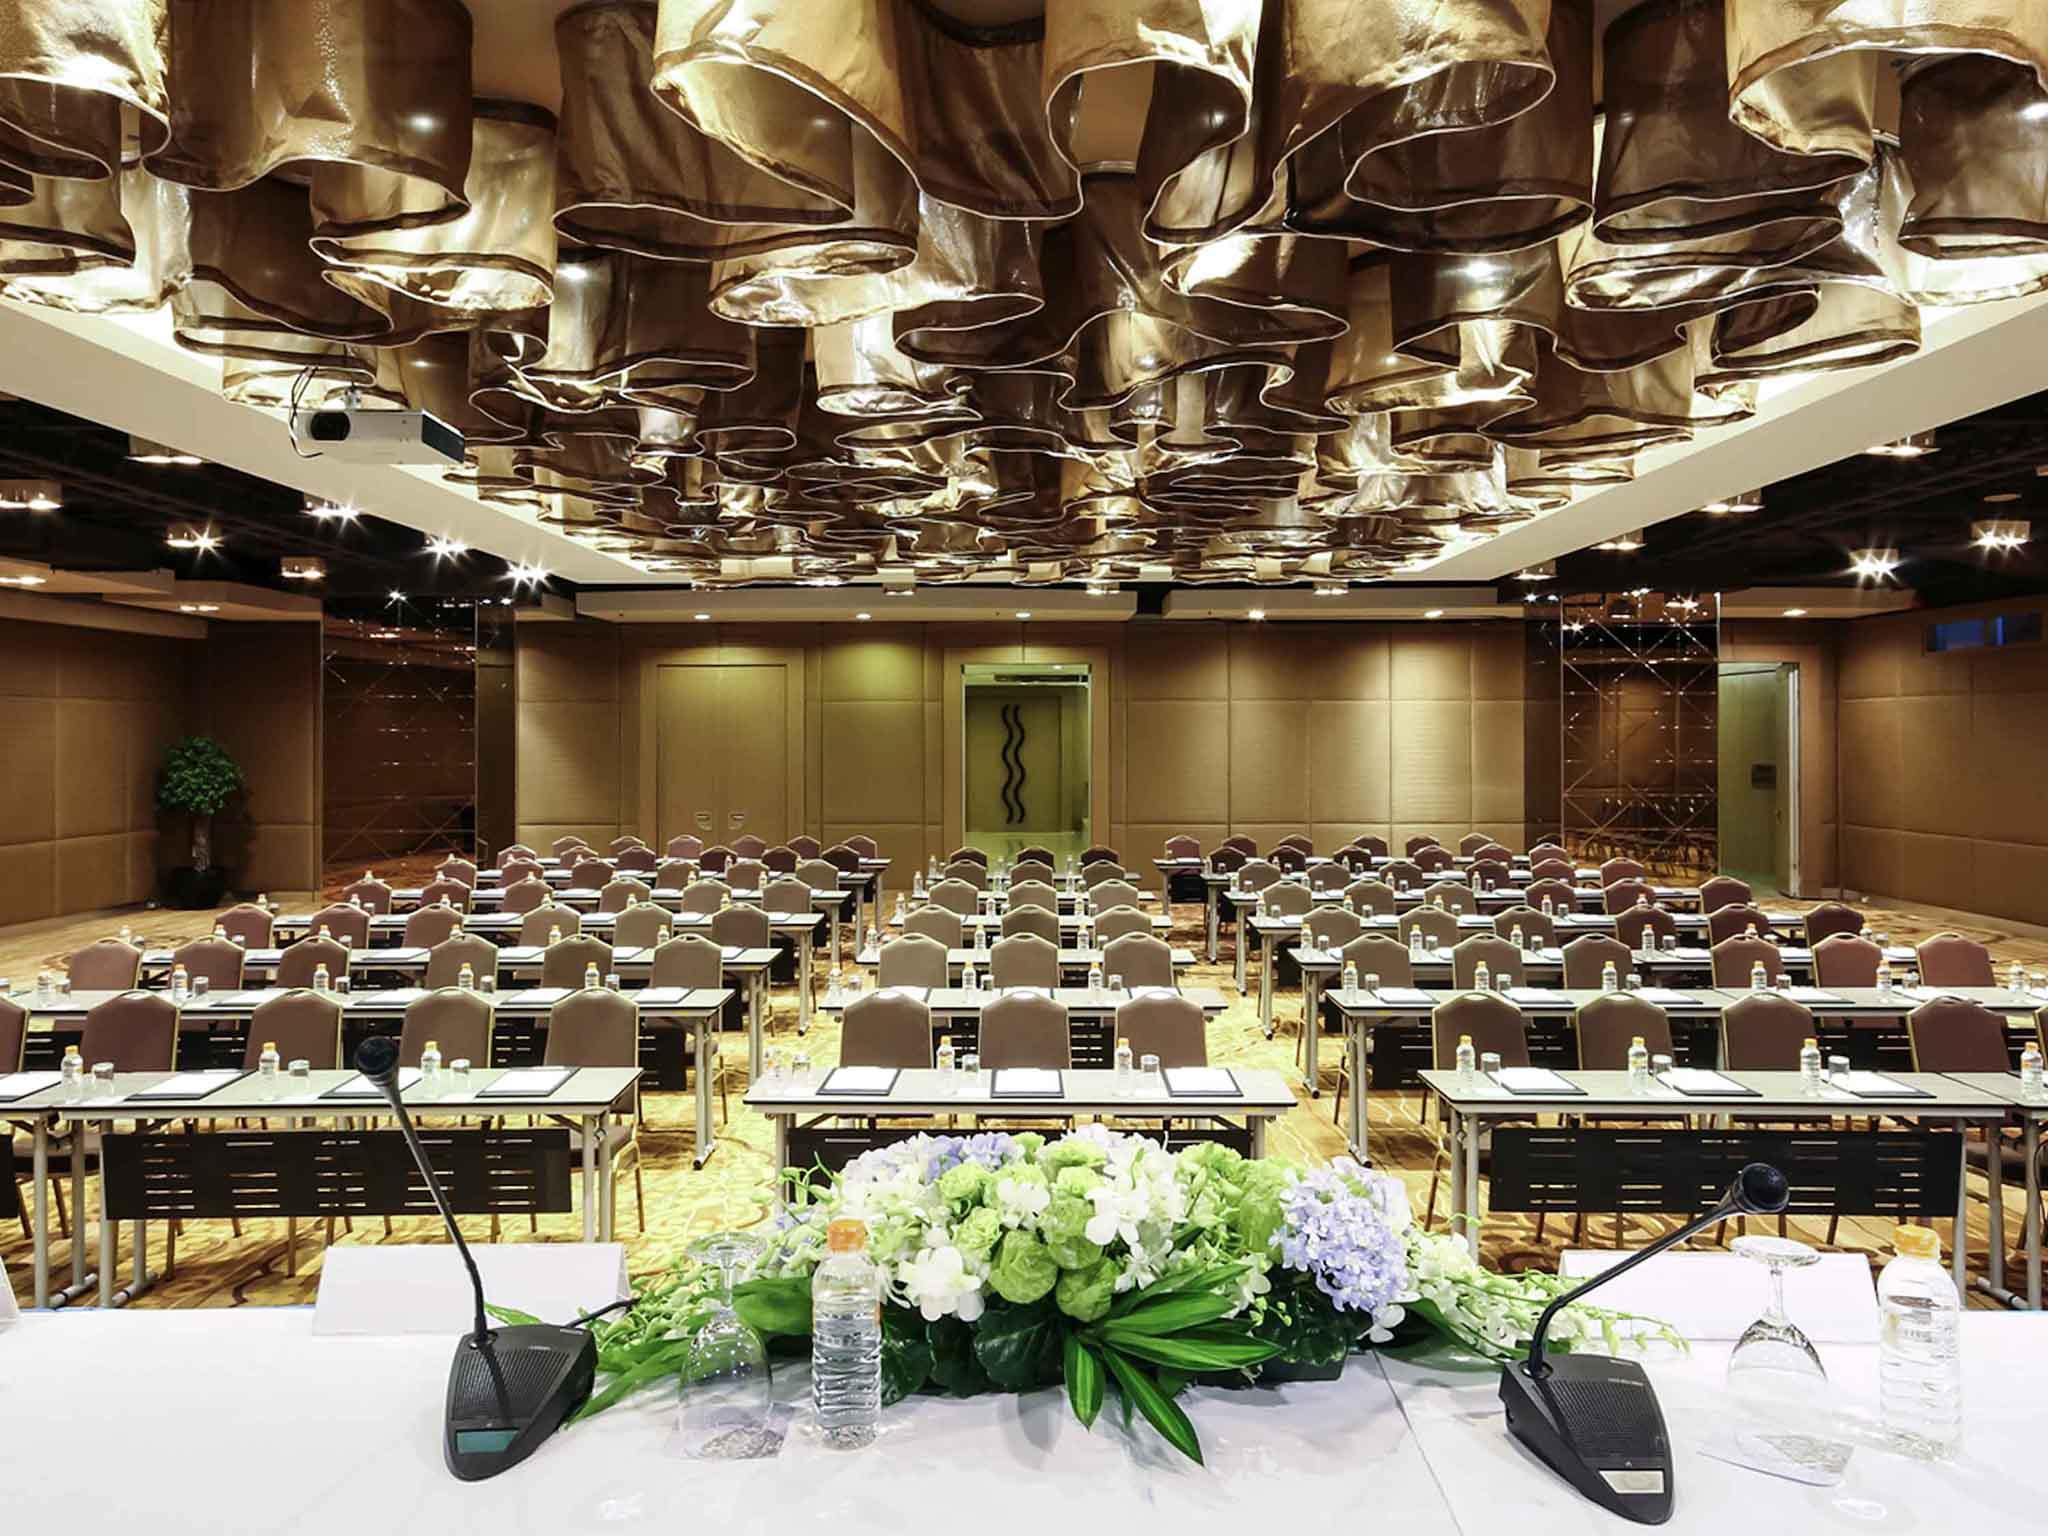 Grand Mercure Bangkok Fortune   AccorHotels - AccorHotels